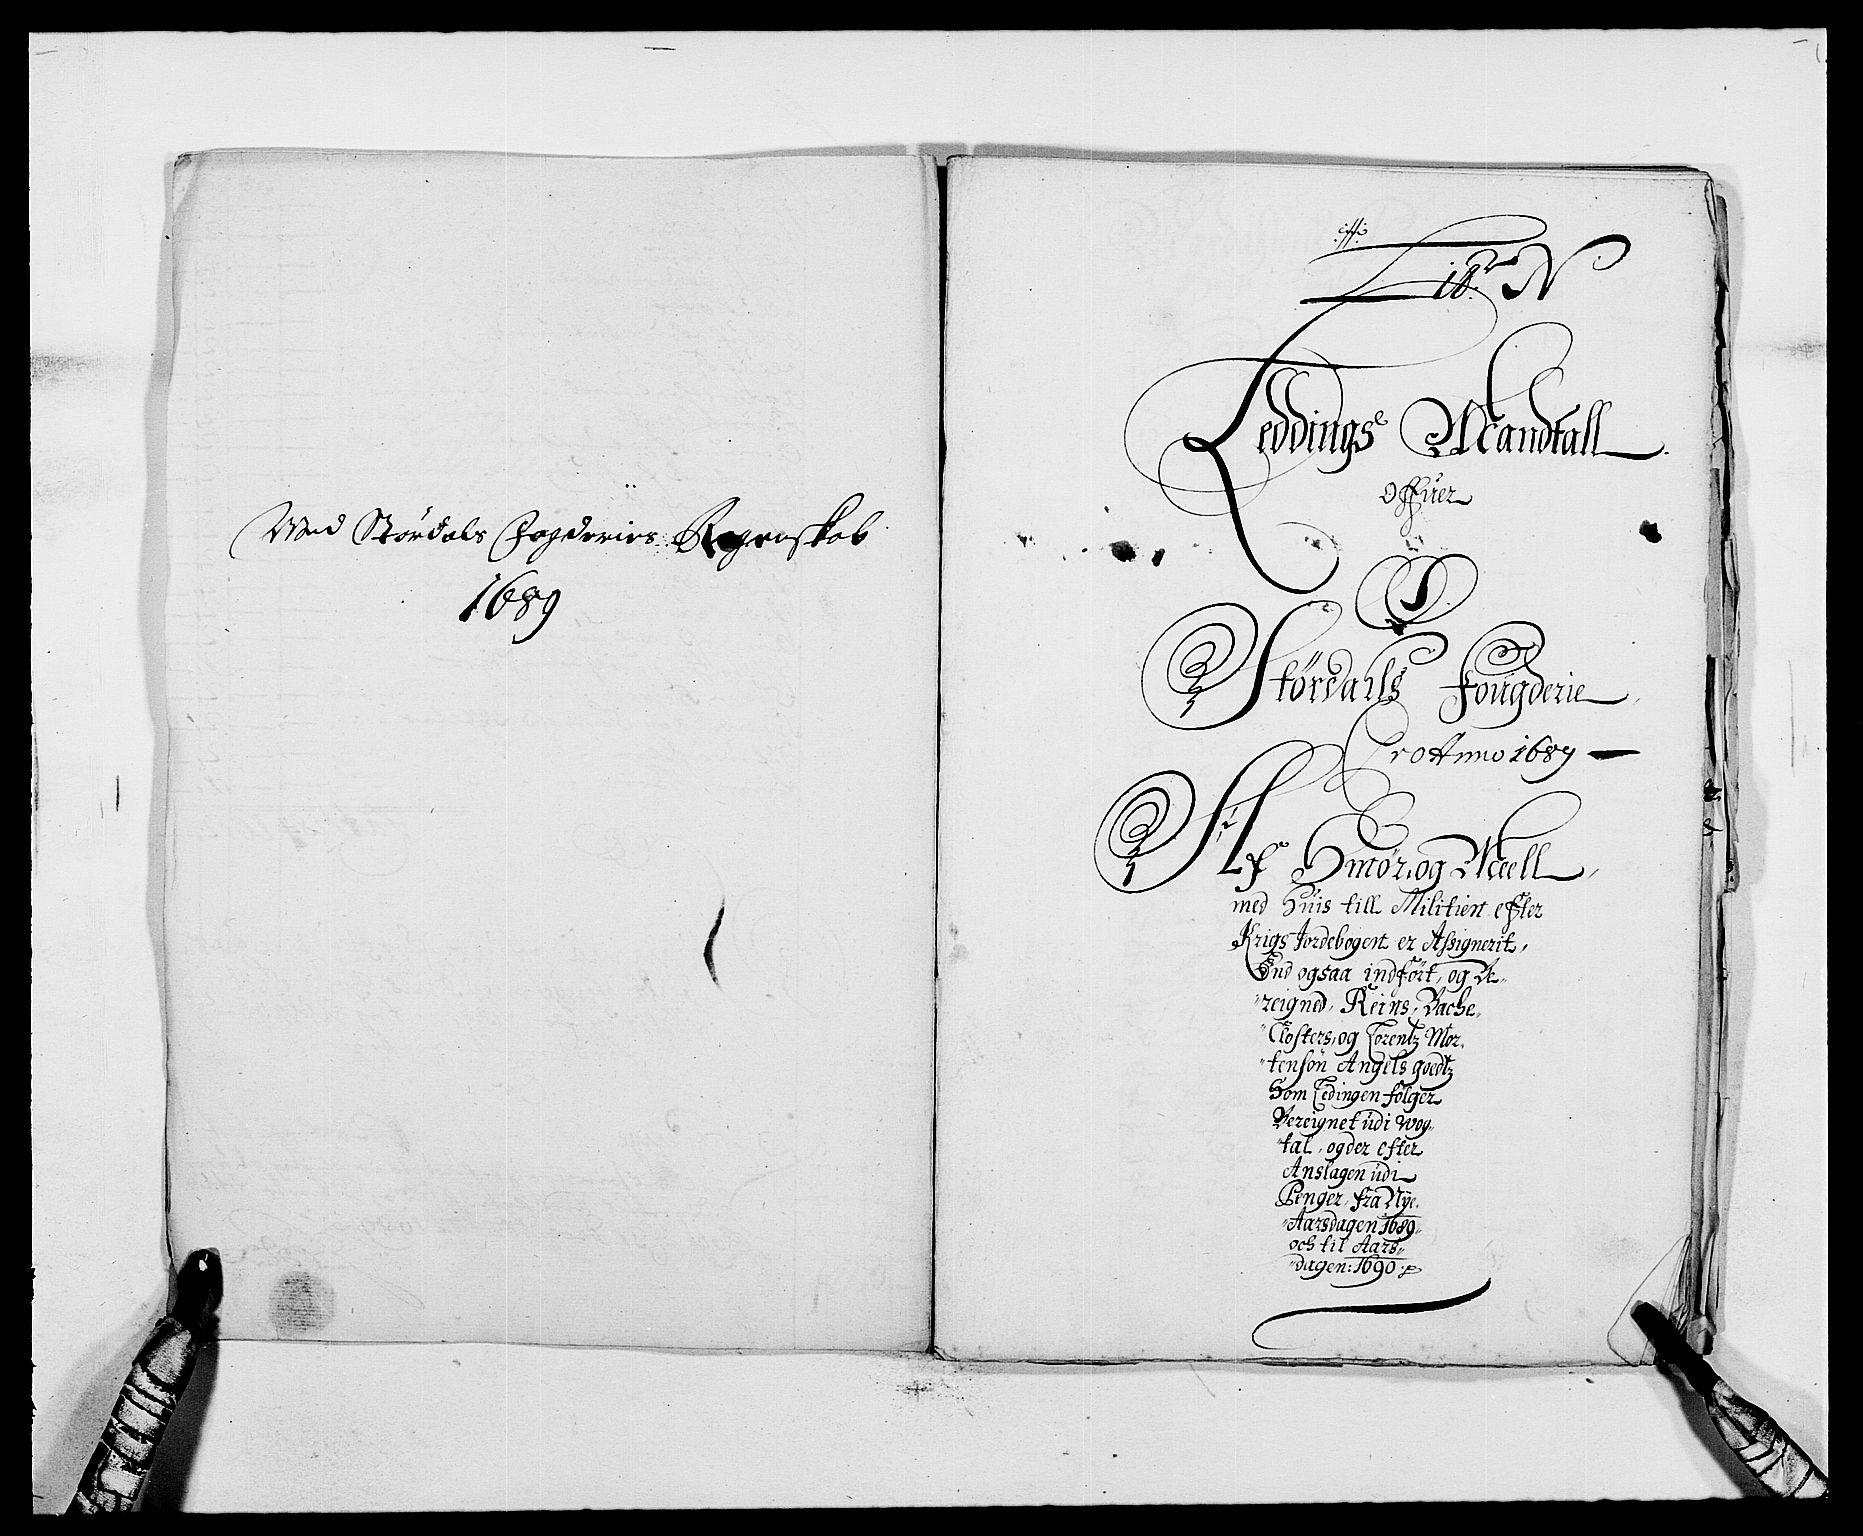 RA, Rentekammeret inntil 1814, Reviderte regnskaper, Fogderegnskap, R62/L4183: Fogderegnskap Stjørdal og Verdal, 1687-1689, s. 385